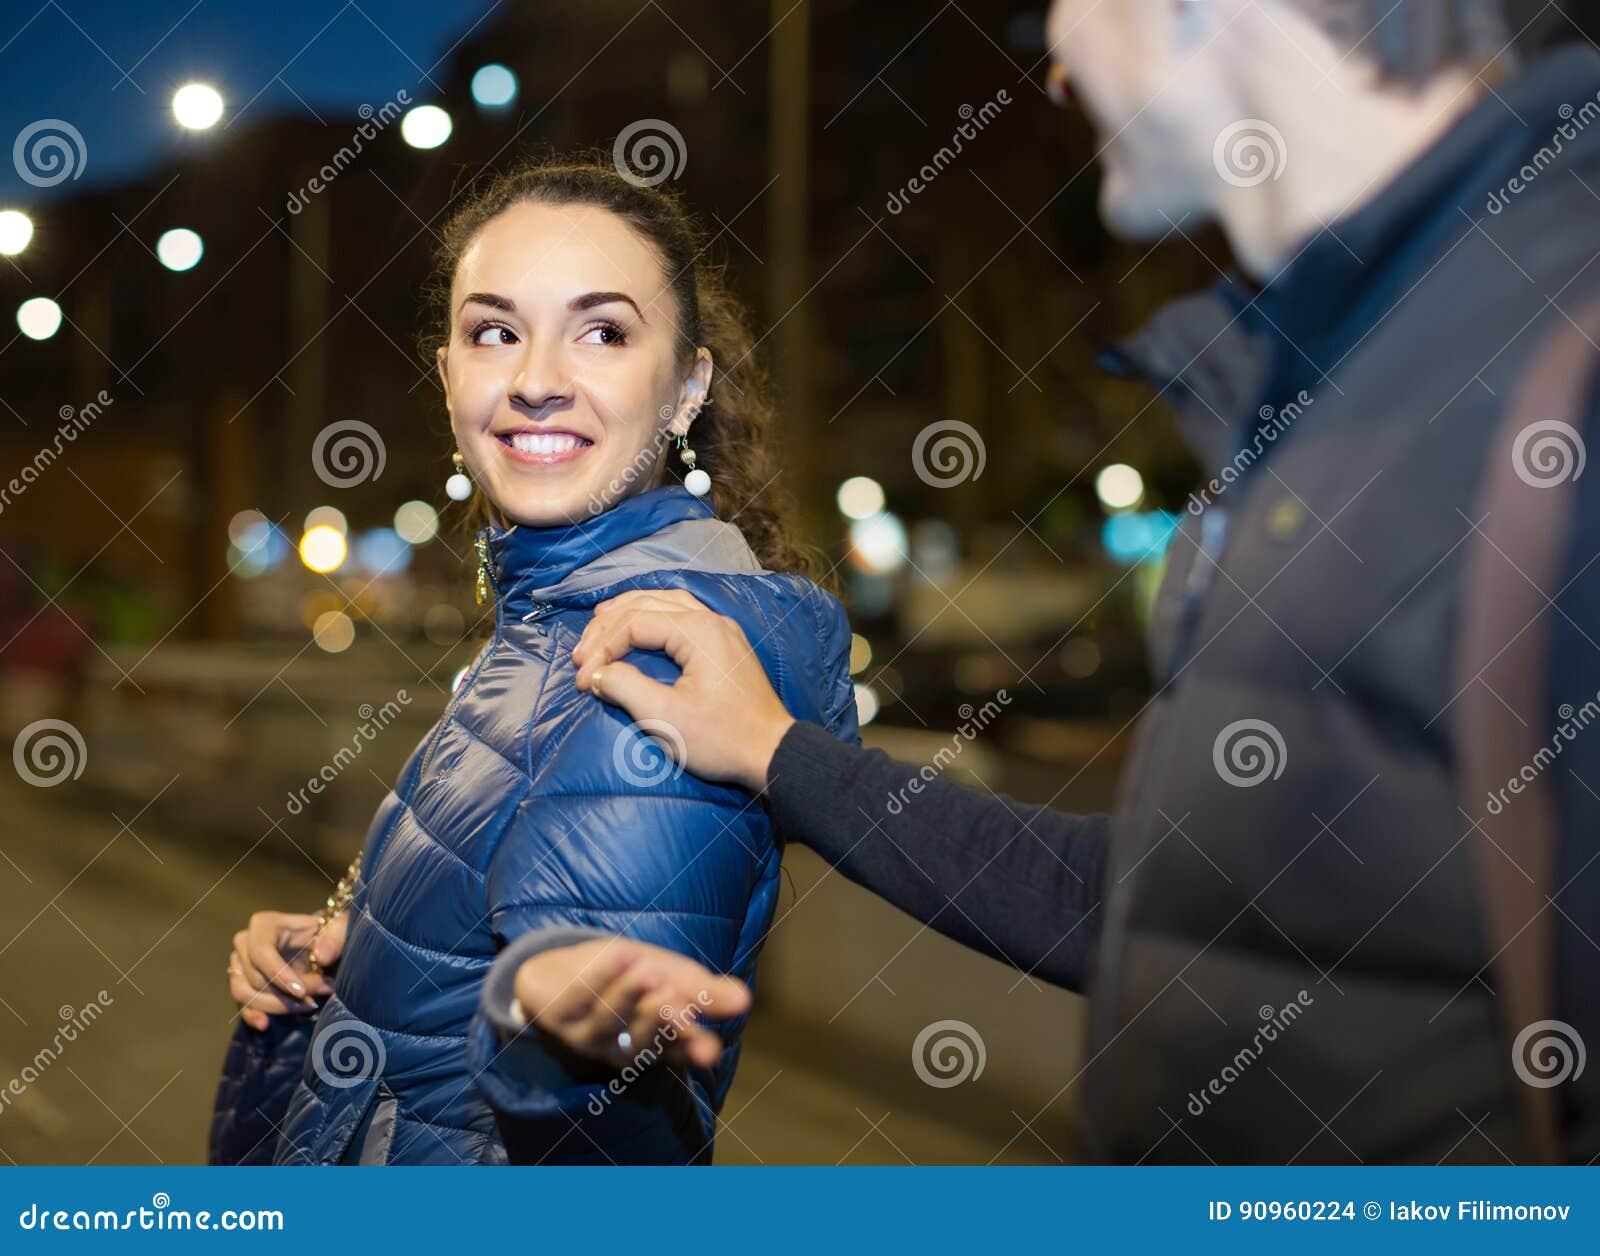 Vrouwen flirten met mannen